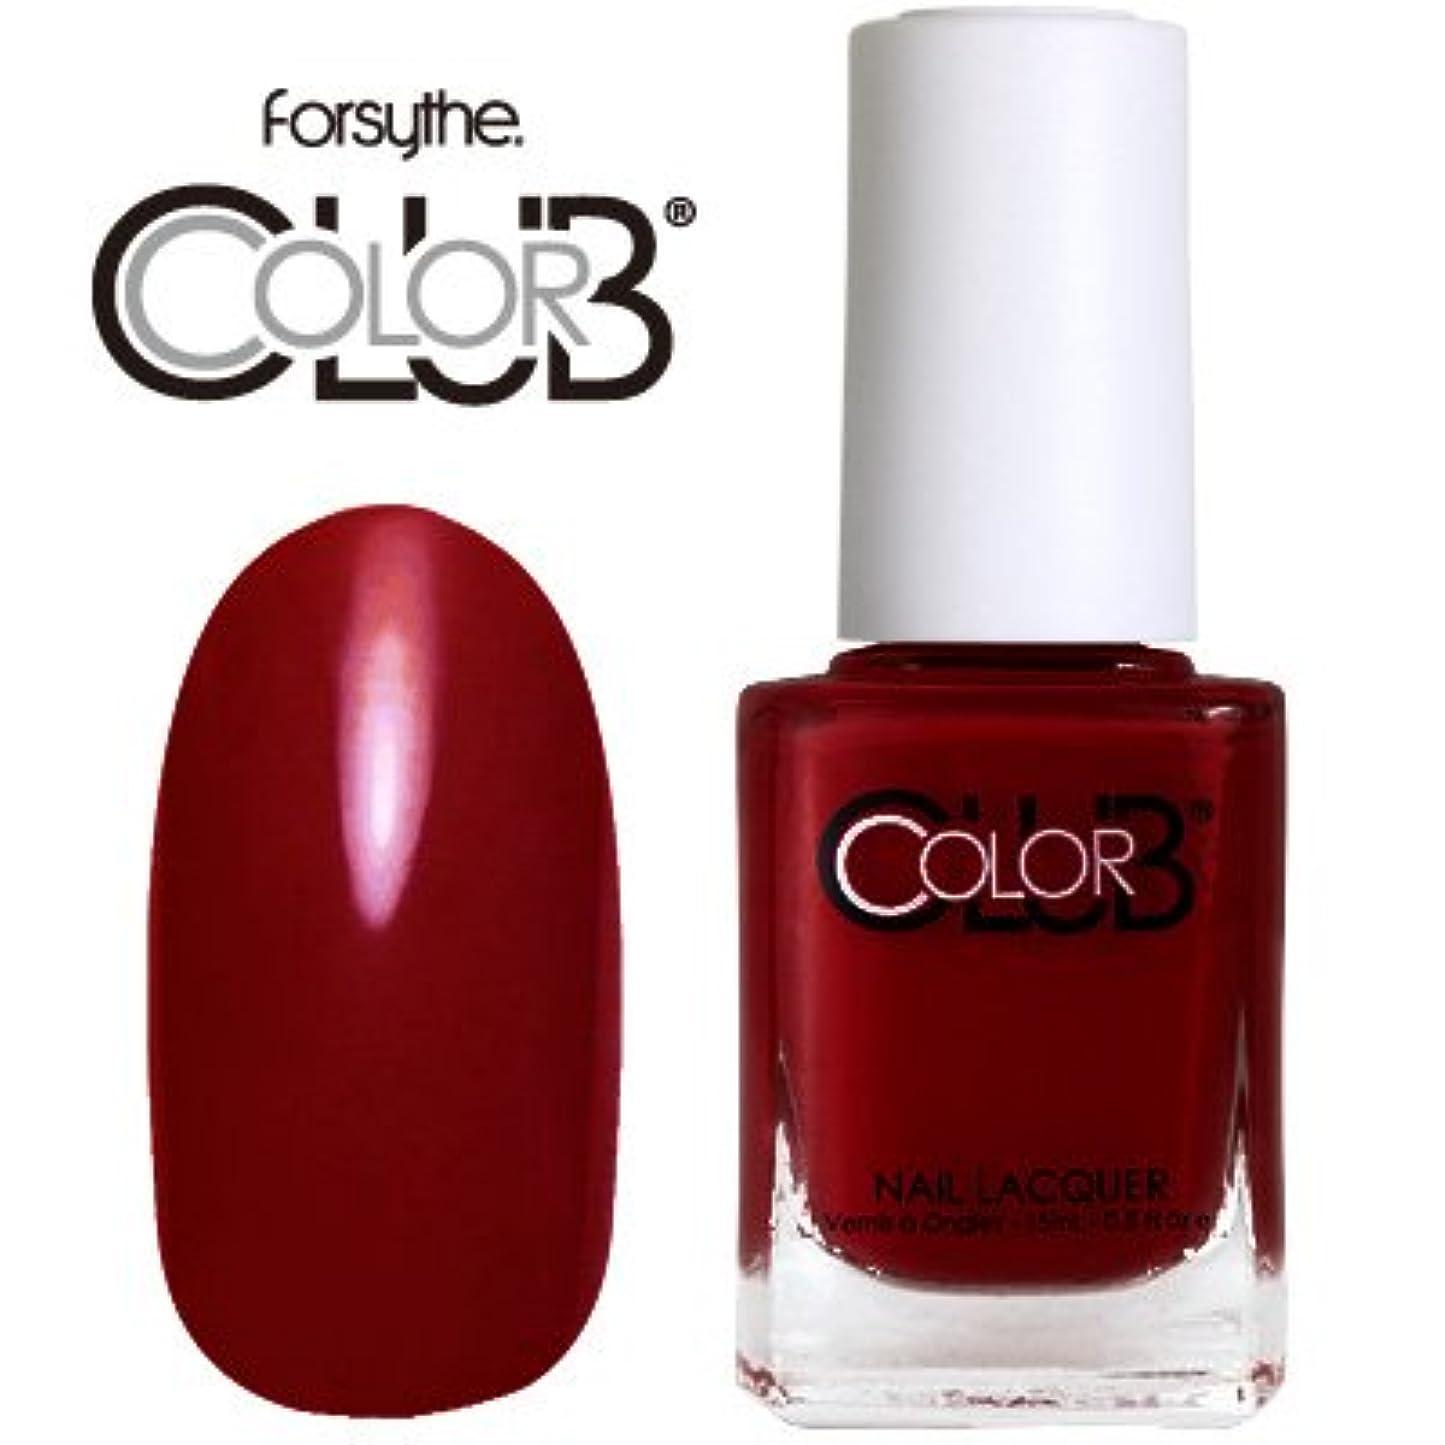 組立リサイクルするムスフォーサイス カラークラブ 920/Red-ical Gypsy 【forsythe COLOR CLUB】【ネイルラッカー】【マニキュア】